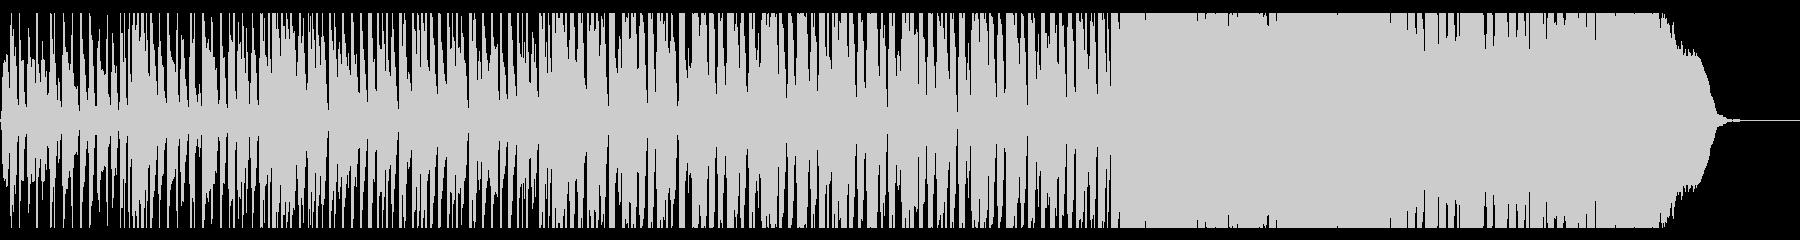 ティーン ポップロック ポジティブ...の未再生の波形